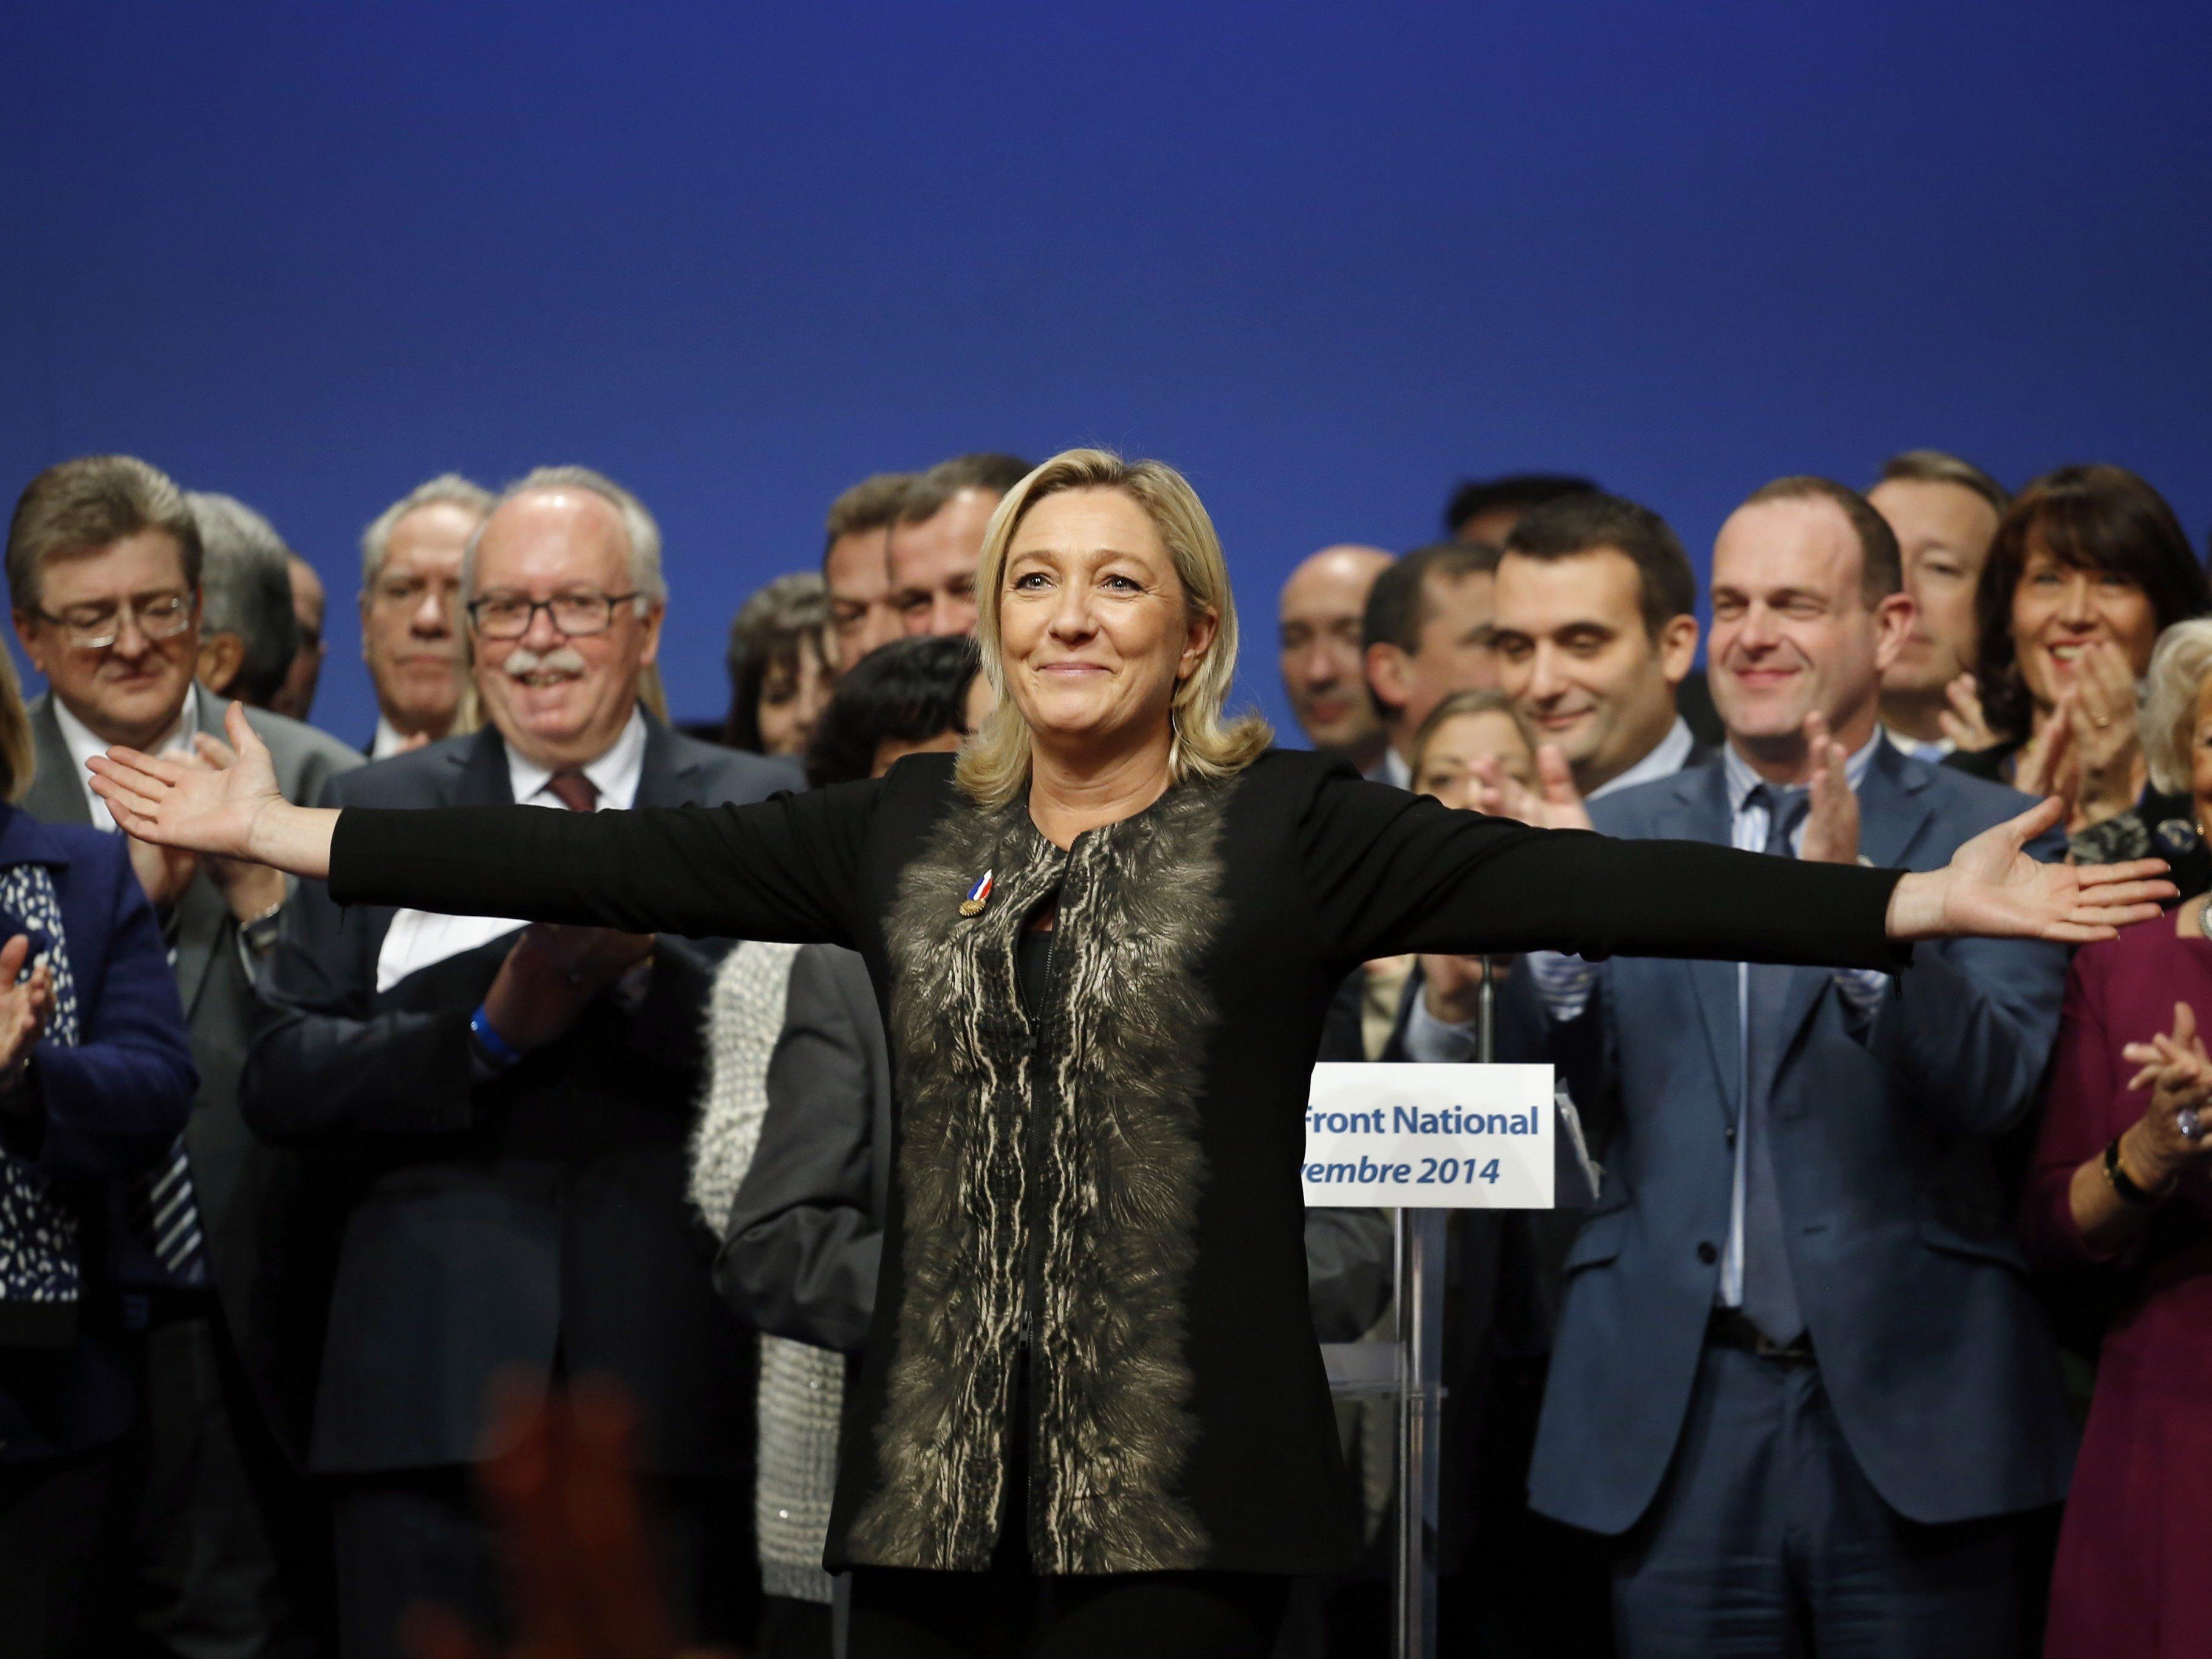 Parteitag von Frankreichs Rechtsextremen in Lyon.